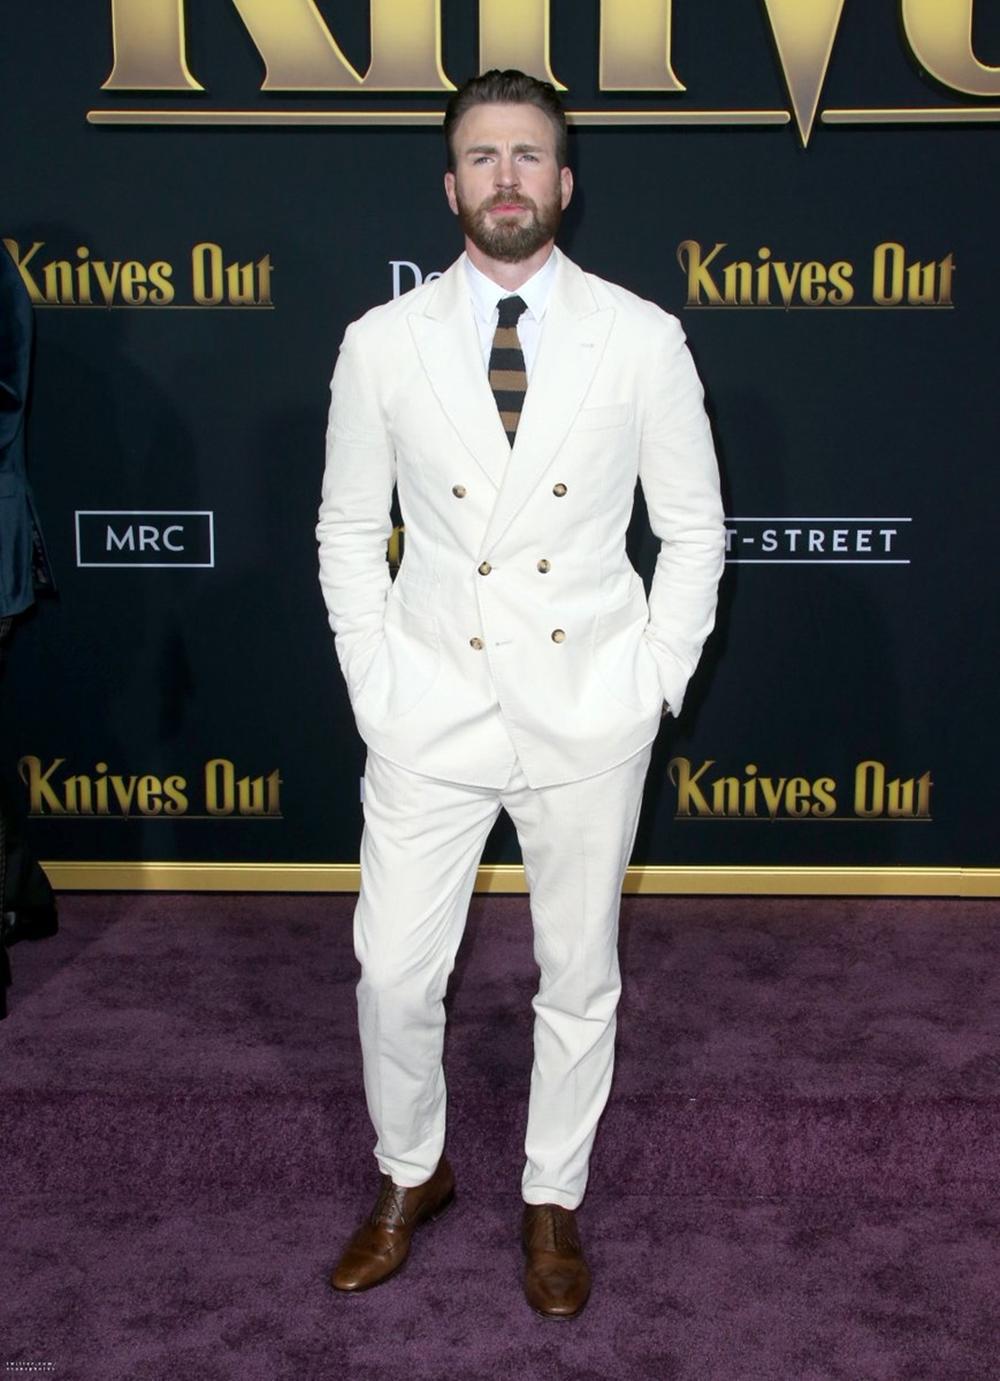 Tháng 11/ 2019, tại ra mắt phim Knives Out, fan nhận xét diễn viên đẹp trai và hấp dẫn khi mặc suits màu trắng sữa của Brunello Cucinelli, tạo điểm nhấn với cà vạt sọc đen, nâu và giày da Christian Louboutin.